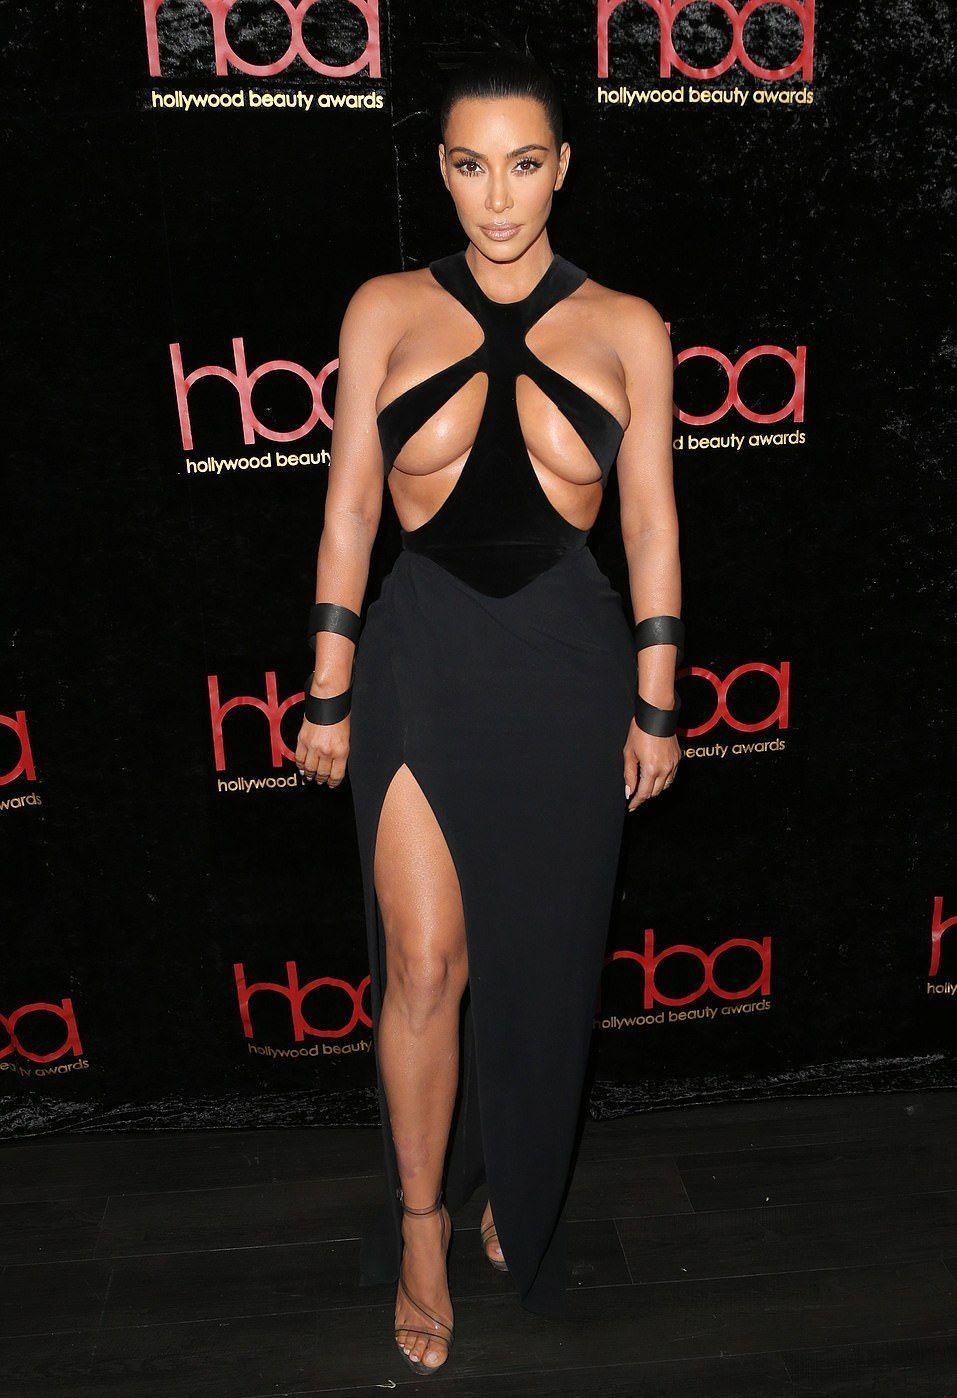 0118180036842_40_Kim-Kardashian-Hot-TheFappeningBlog.com-1.jpg